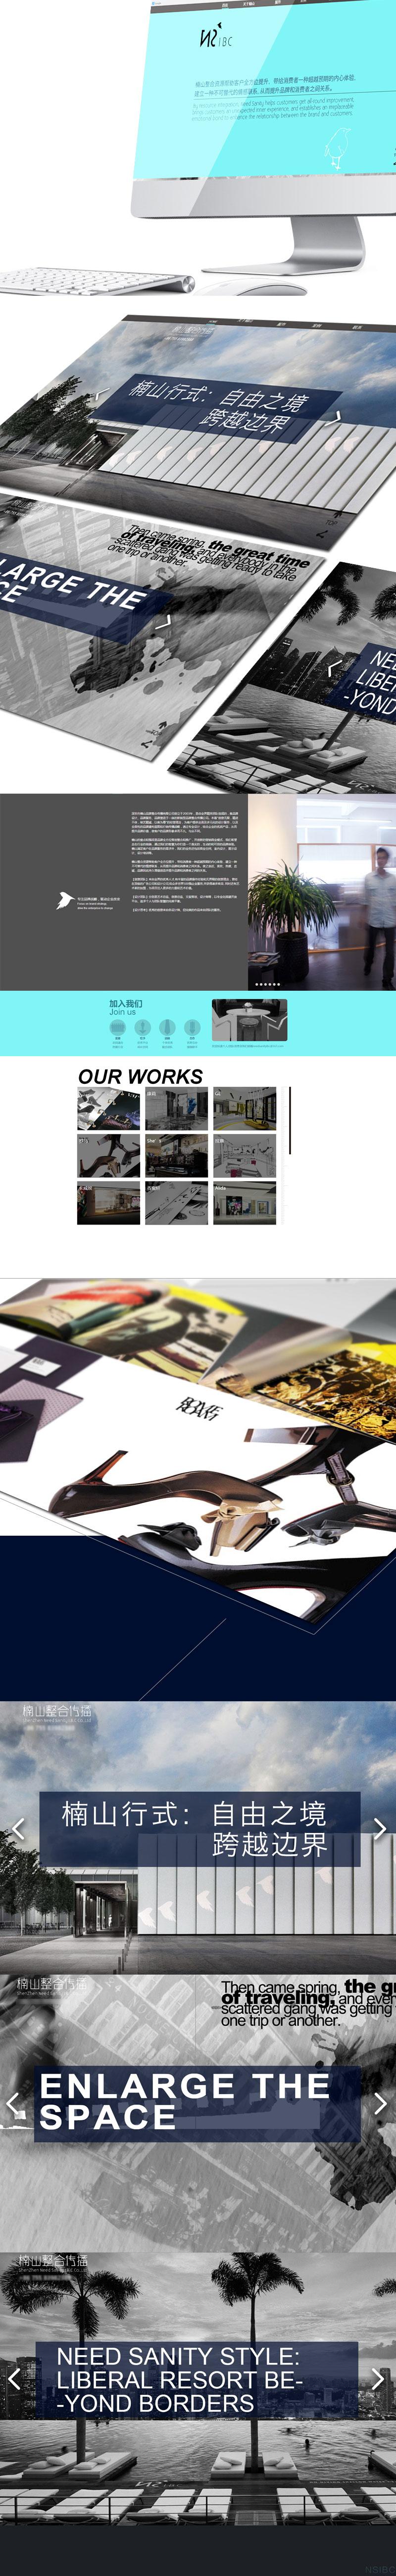 NSIBC-WebDesign.jpg